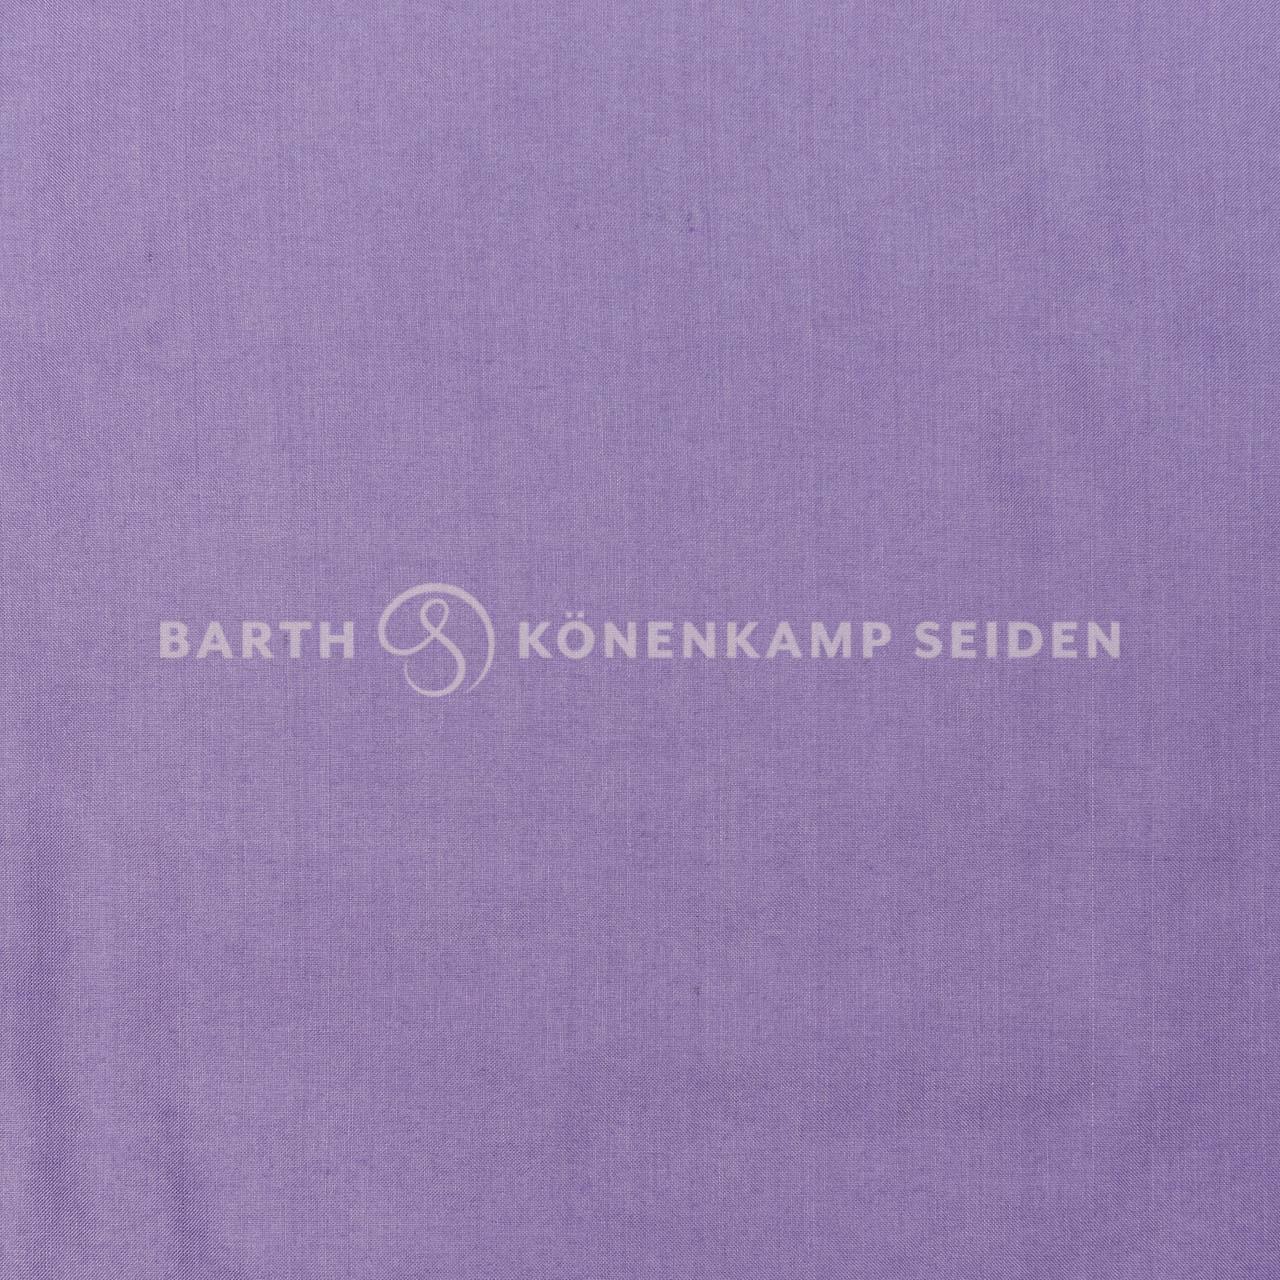 3500-566 / Tussah Modal gefärbt